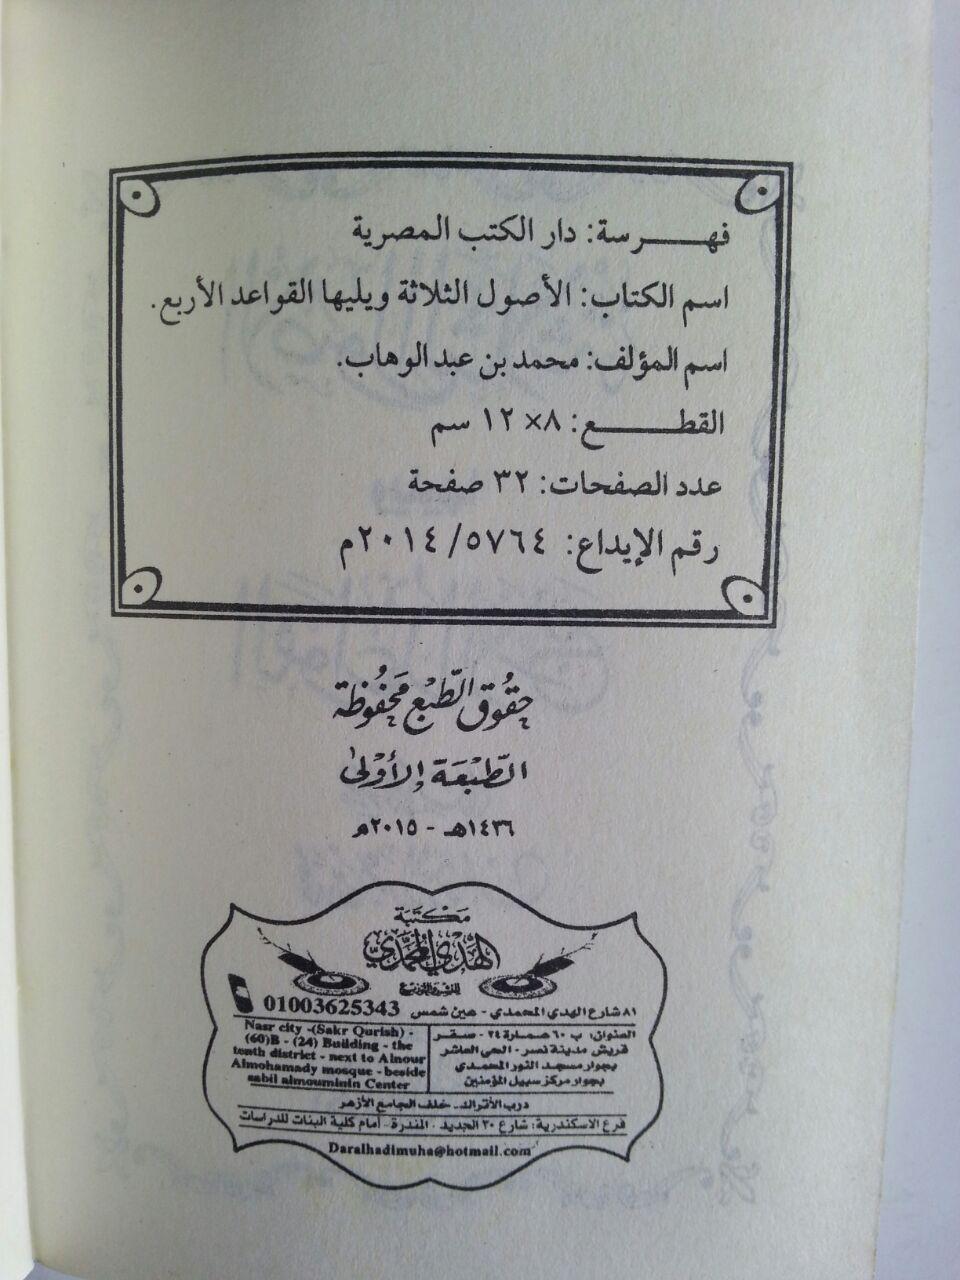 Kitab Matan Al-Ushul Ats-Tsalatsah Dan Al-Qowaid Al-Arba isi